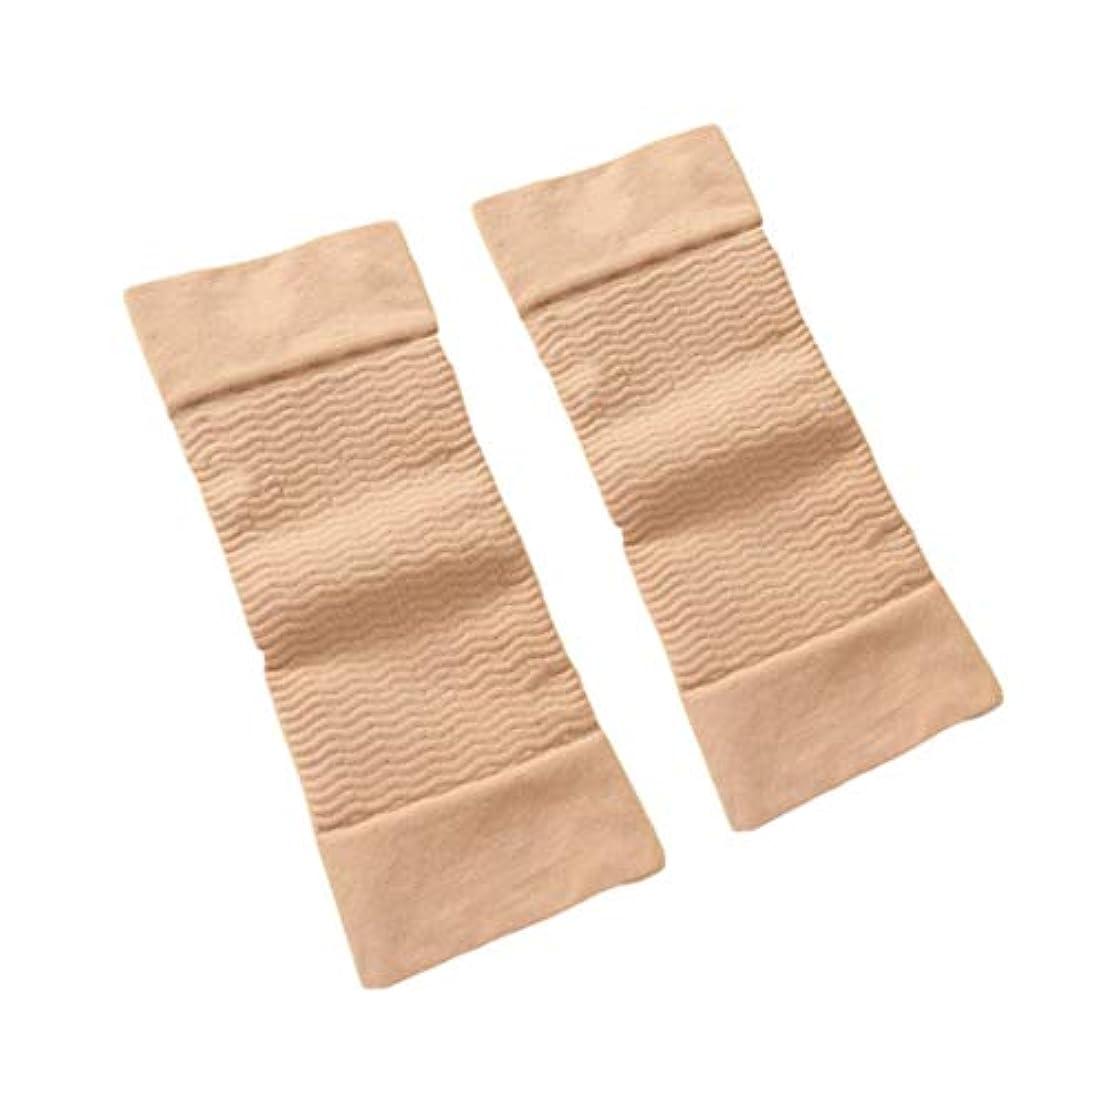 発揮する申し込む規範1組420D圧縮Slim身アームスリーブワークアウトトーニングバーンセルライトシェイパー脂肪燃焼スリーブ女性用(肌色)